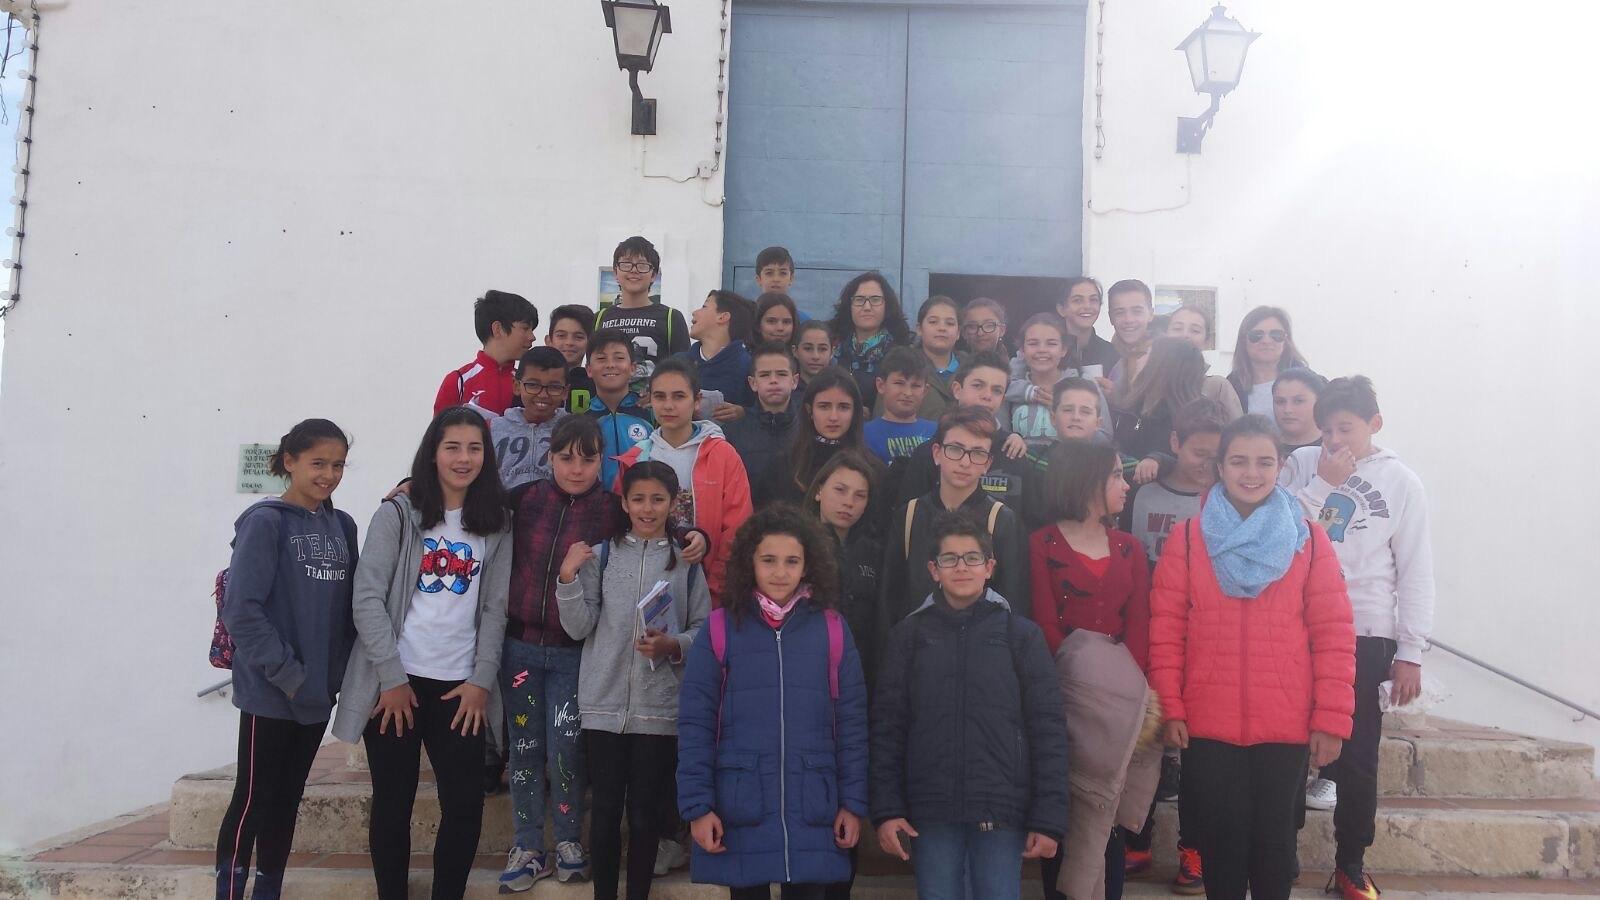 (2017-03-31) - Visita ermita alumnos Yolada-Pilar, Virrey Poveda-9 de Octubre - Maria Isabel Berenquer Brotons (04)